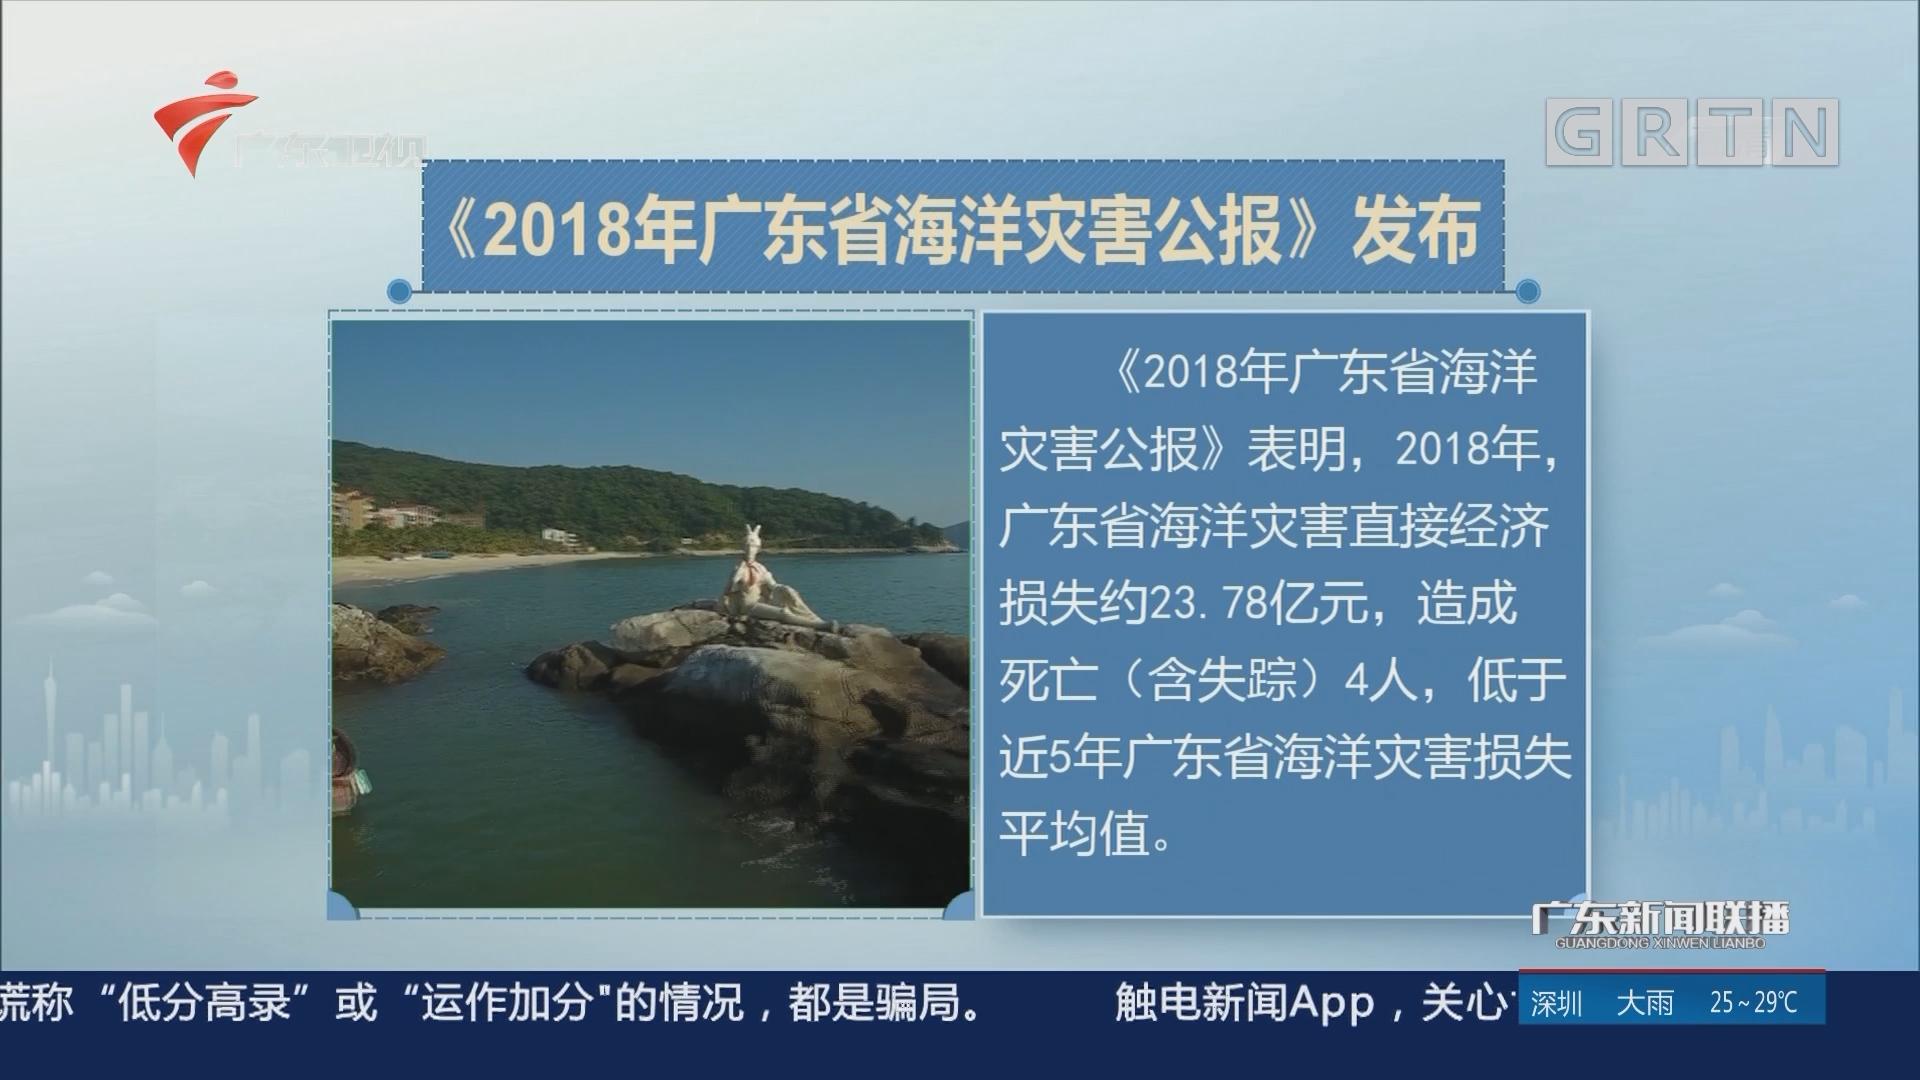 《2018年广东省海洋灾害公报》发布